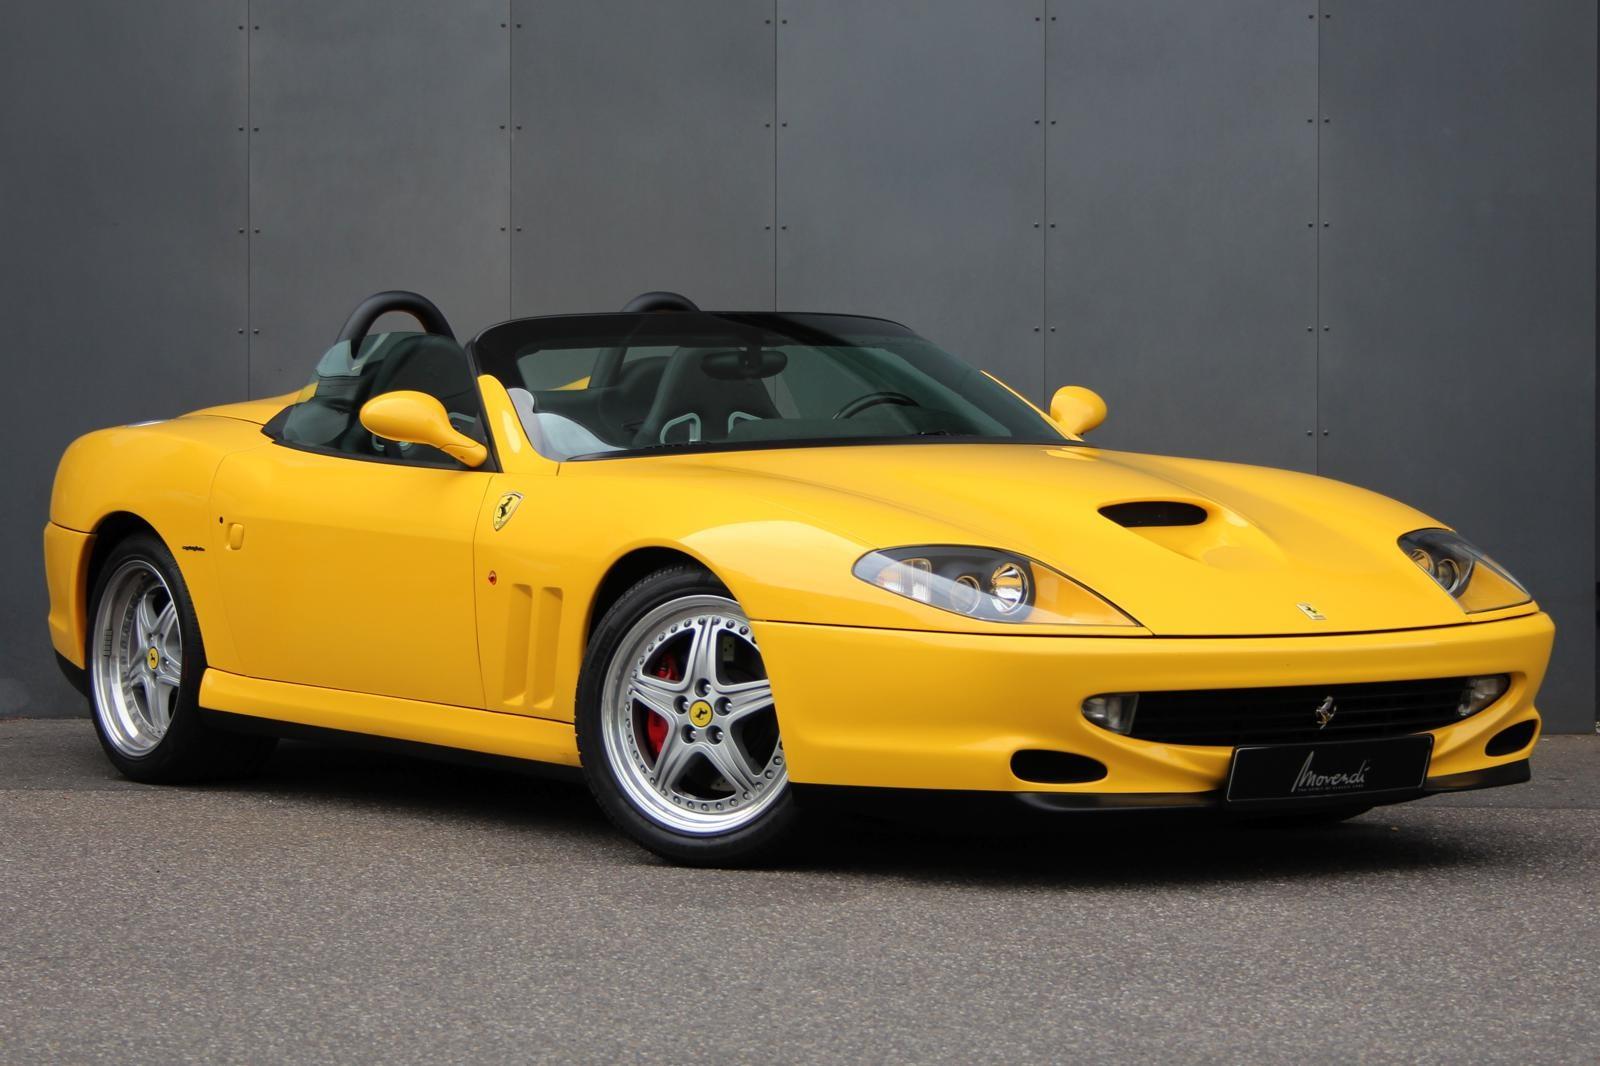 2000 ferrari 550 maranello usd 185 000 market cars